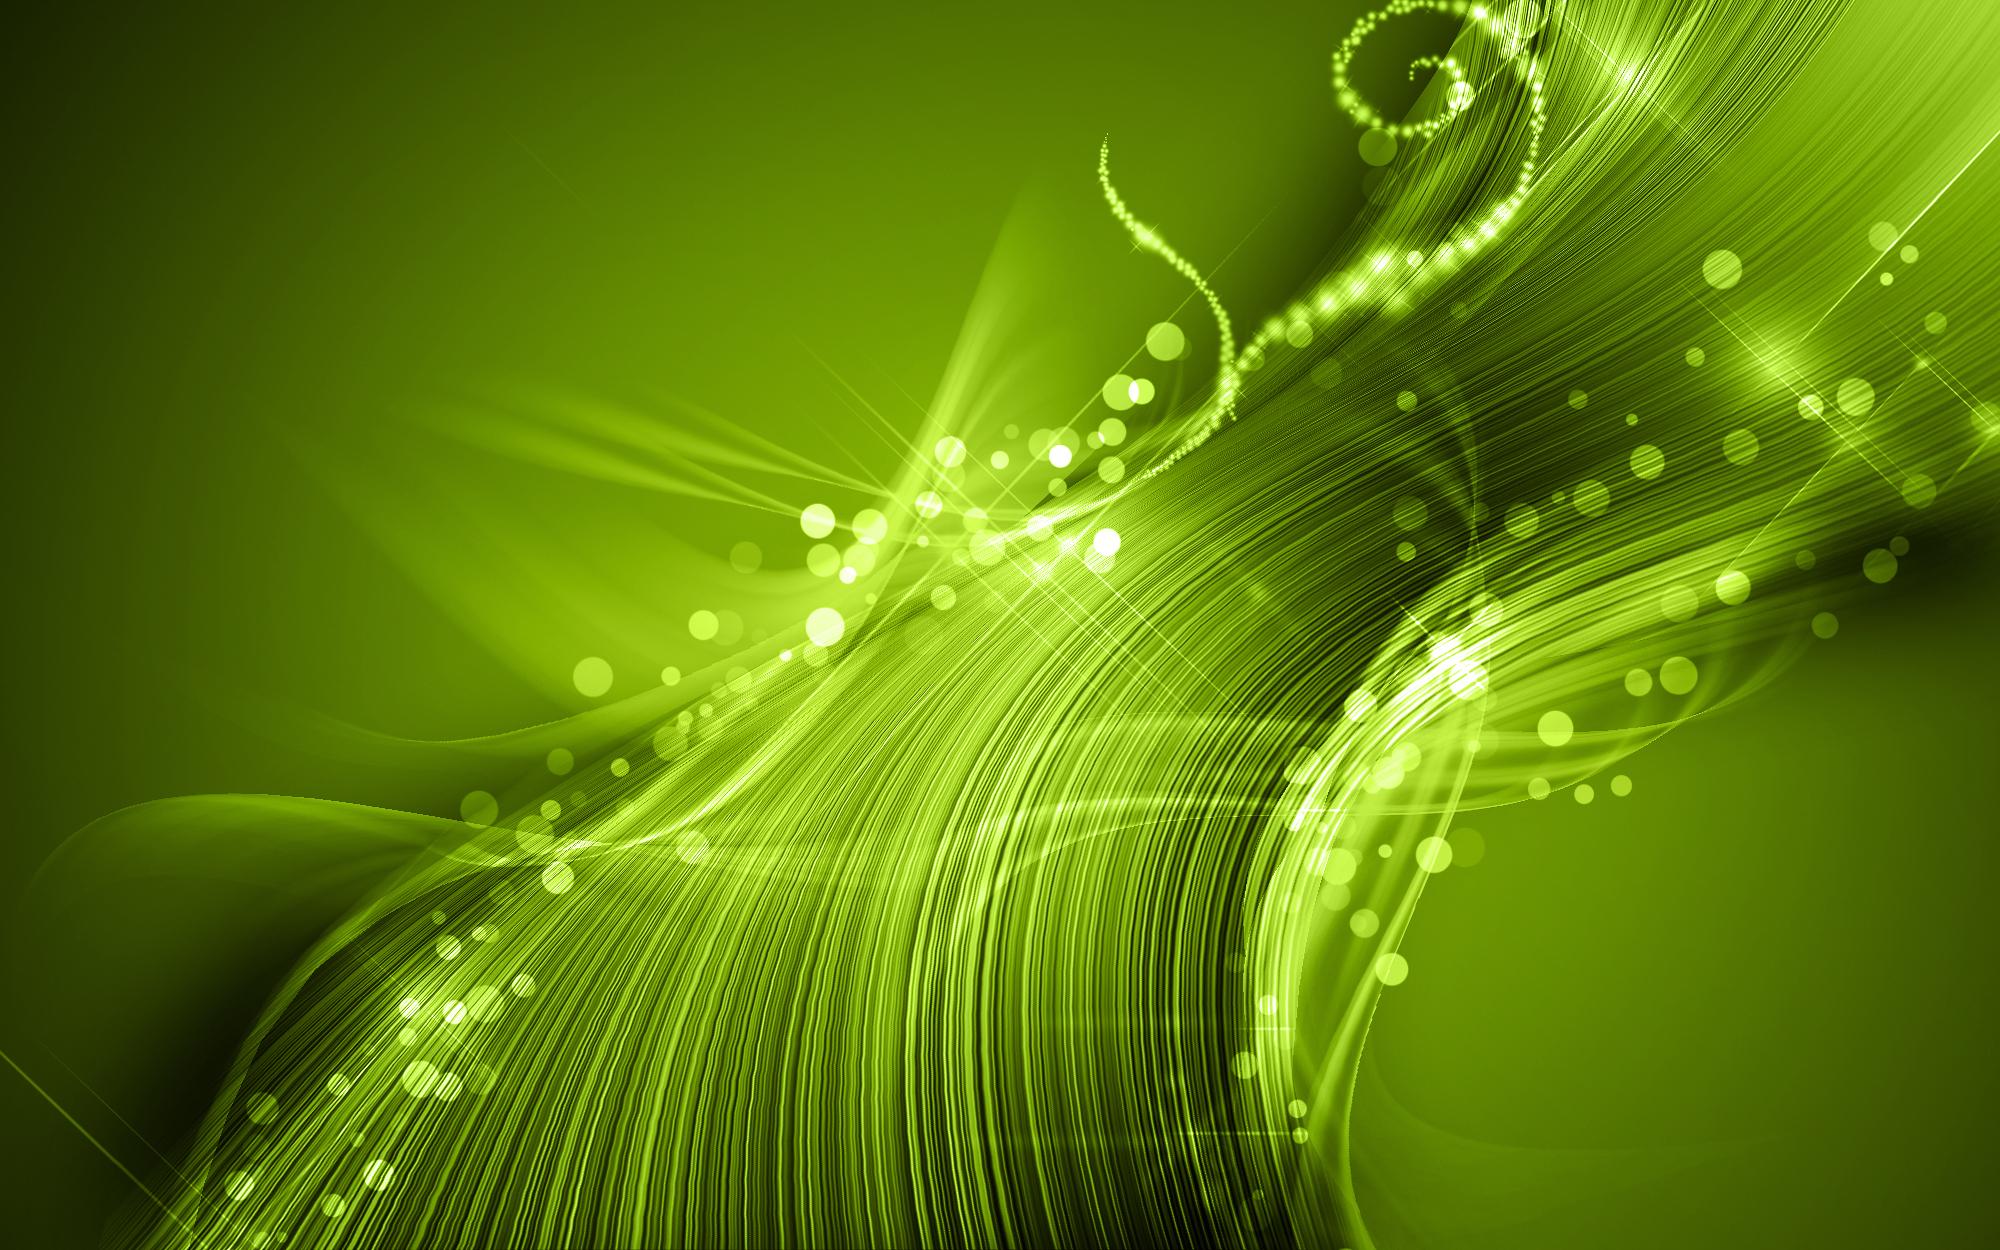 картинки на стол зеленый фон обрисовывает дворец